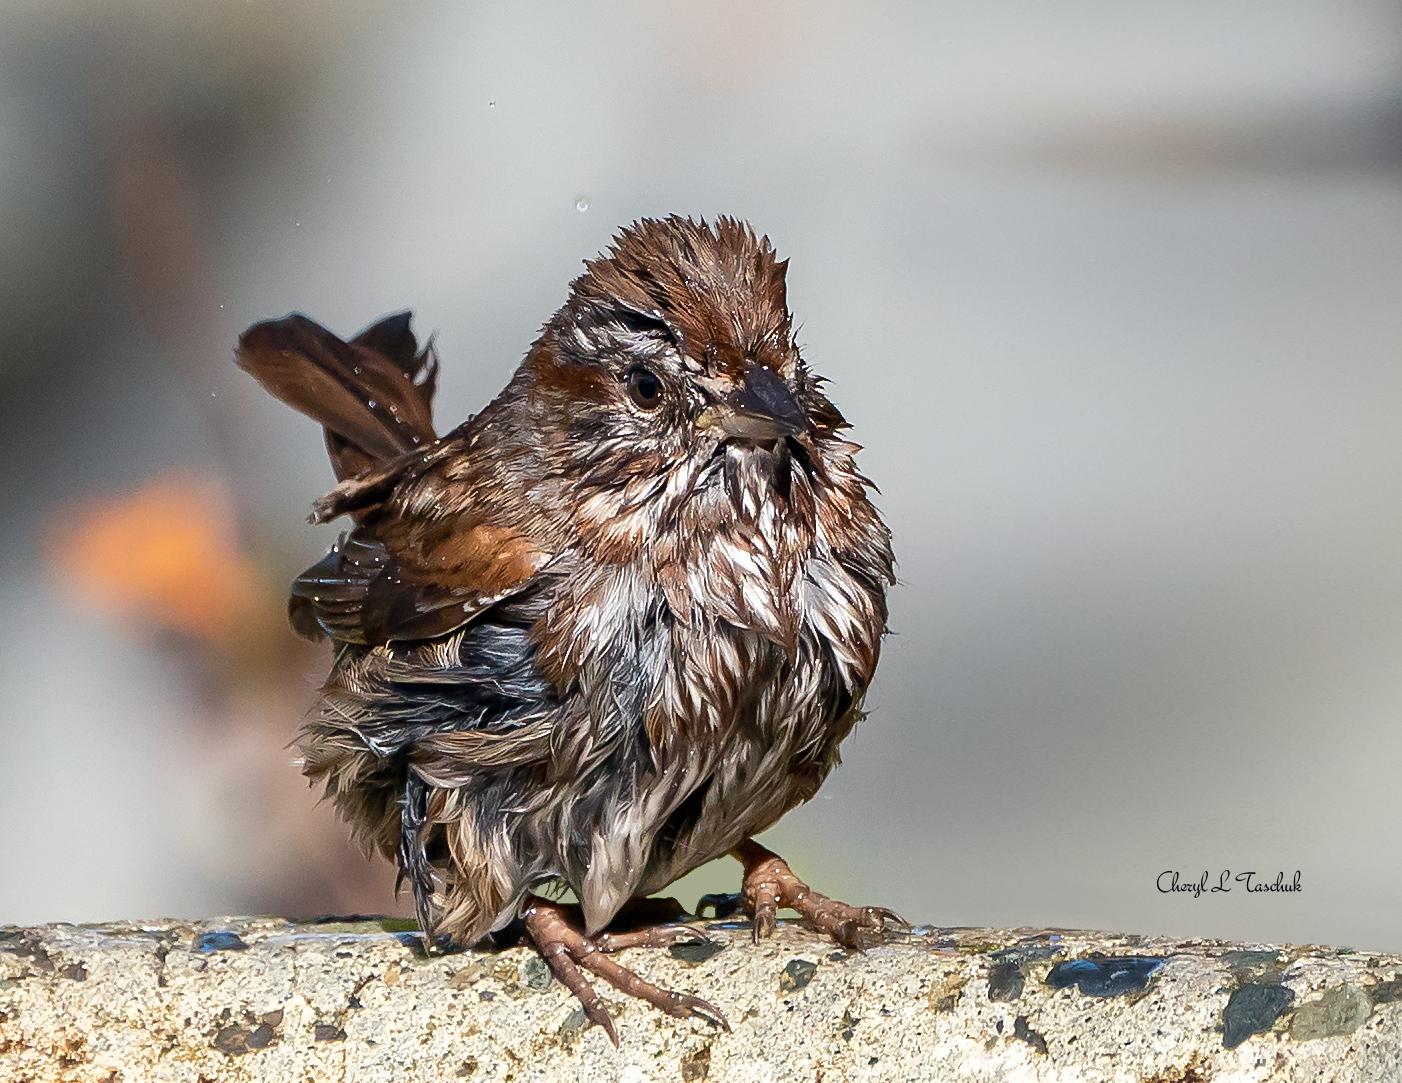 Sparrow Having a Bath